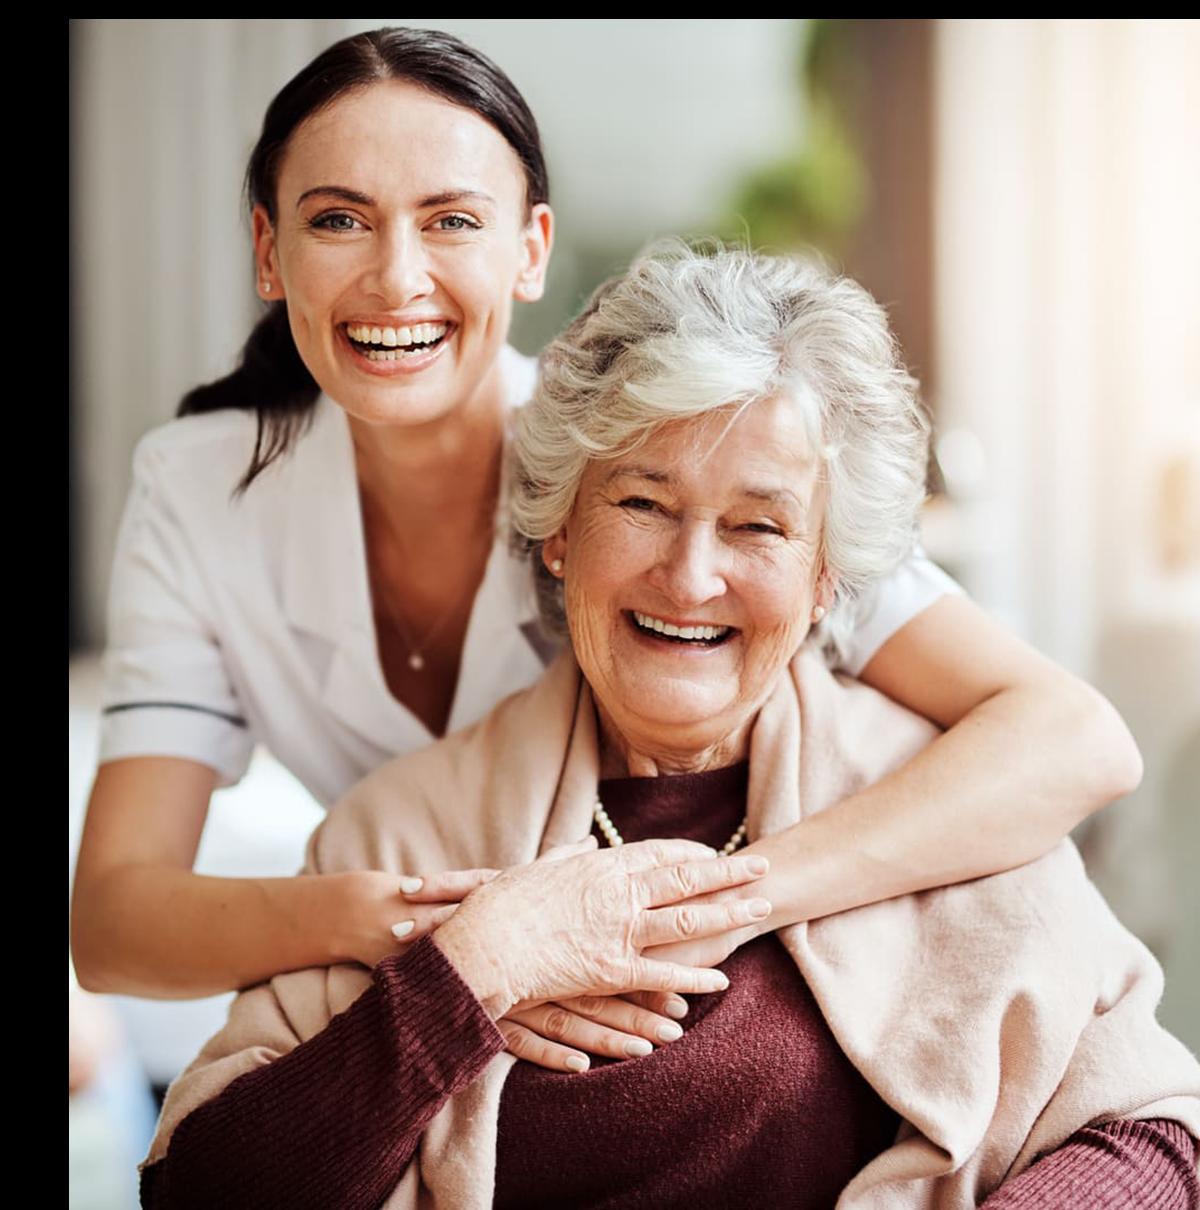 Pflegerin und Seniorin - Altenheime Apel betreiben 5 Einrichtungen für Altenpflege & Seniorenbetreuung in Geesthacht, nähe Hamburg